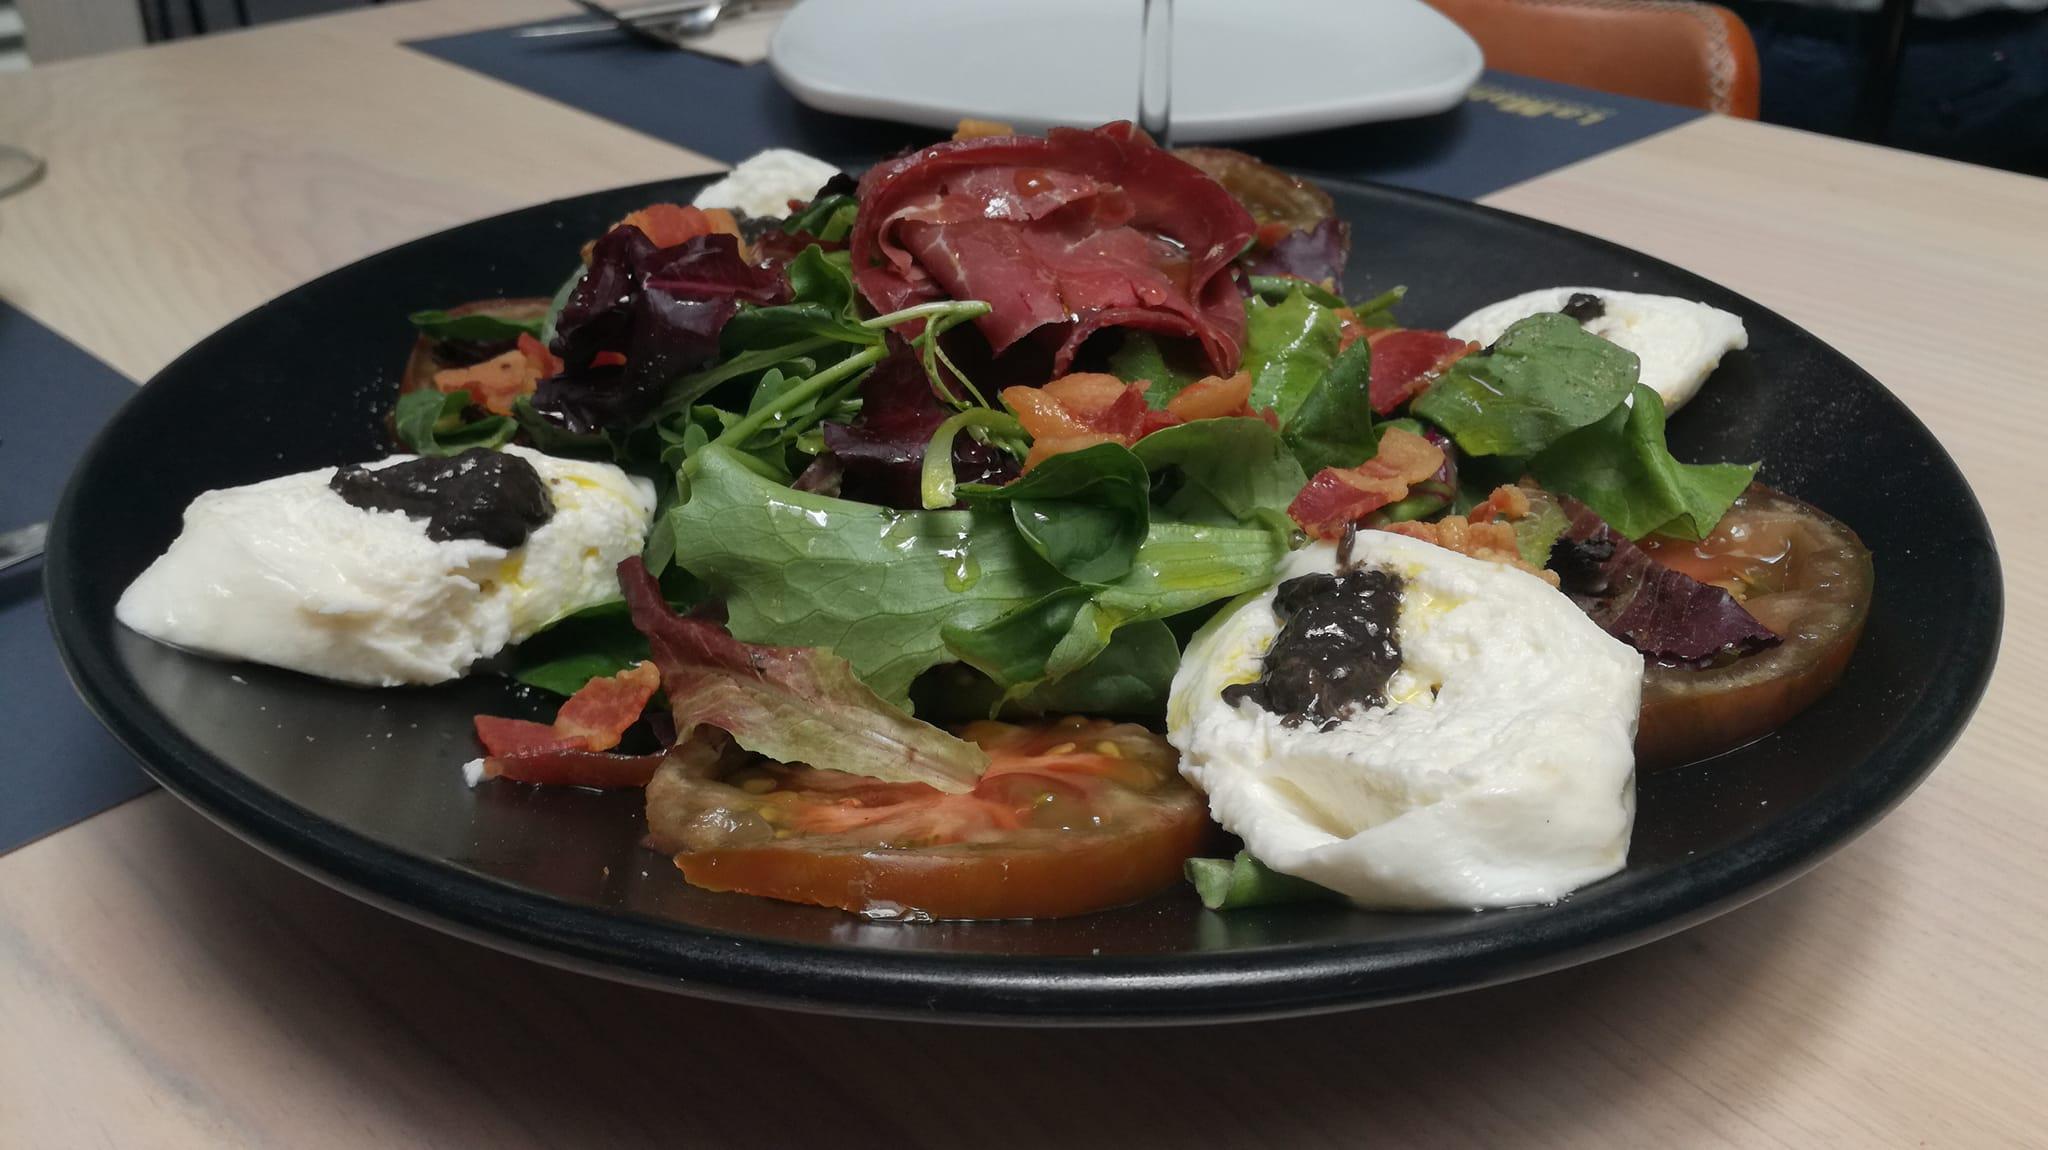 dieta saludable - El secreto de una dieta equilibrada